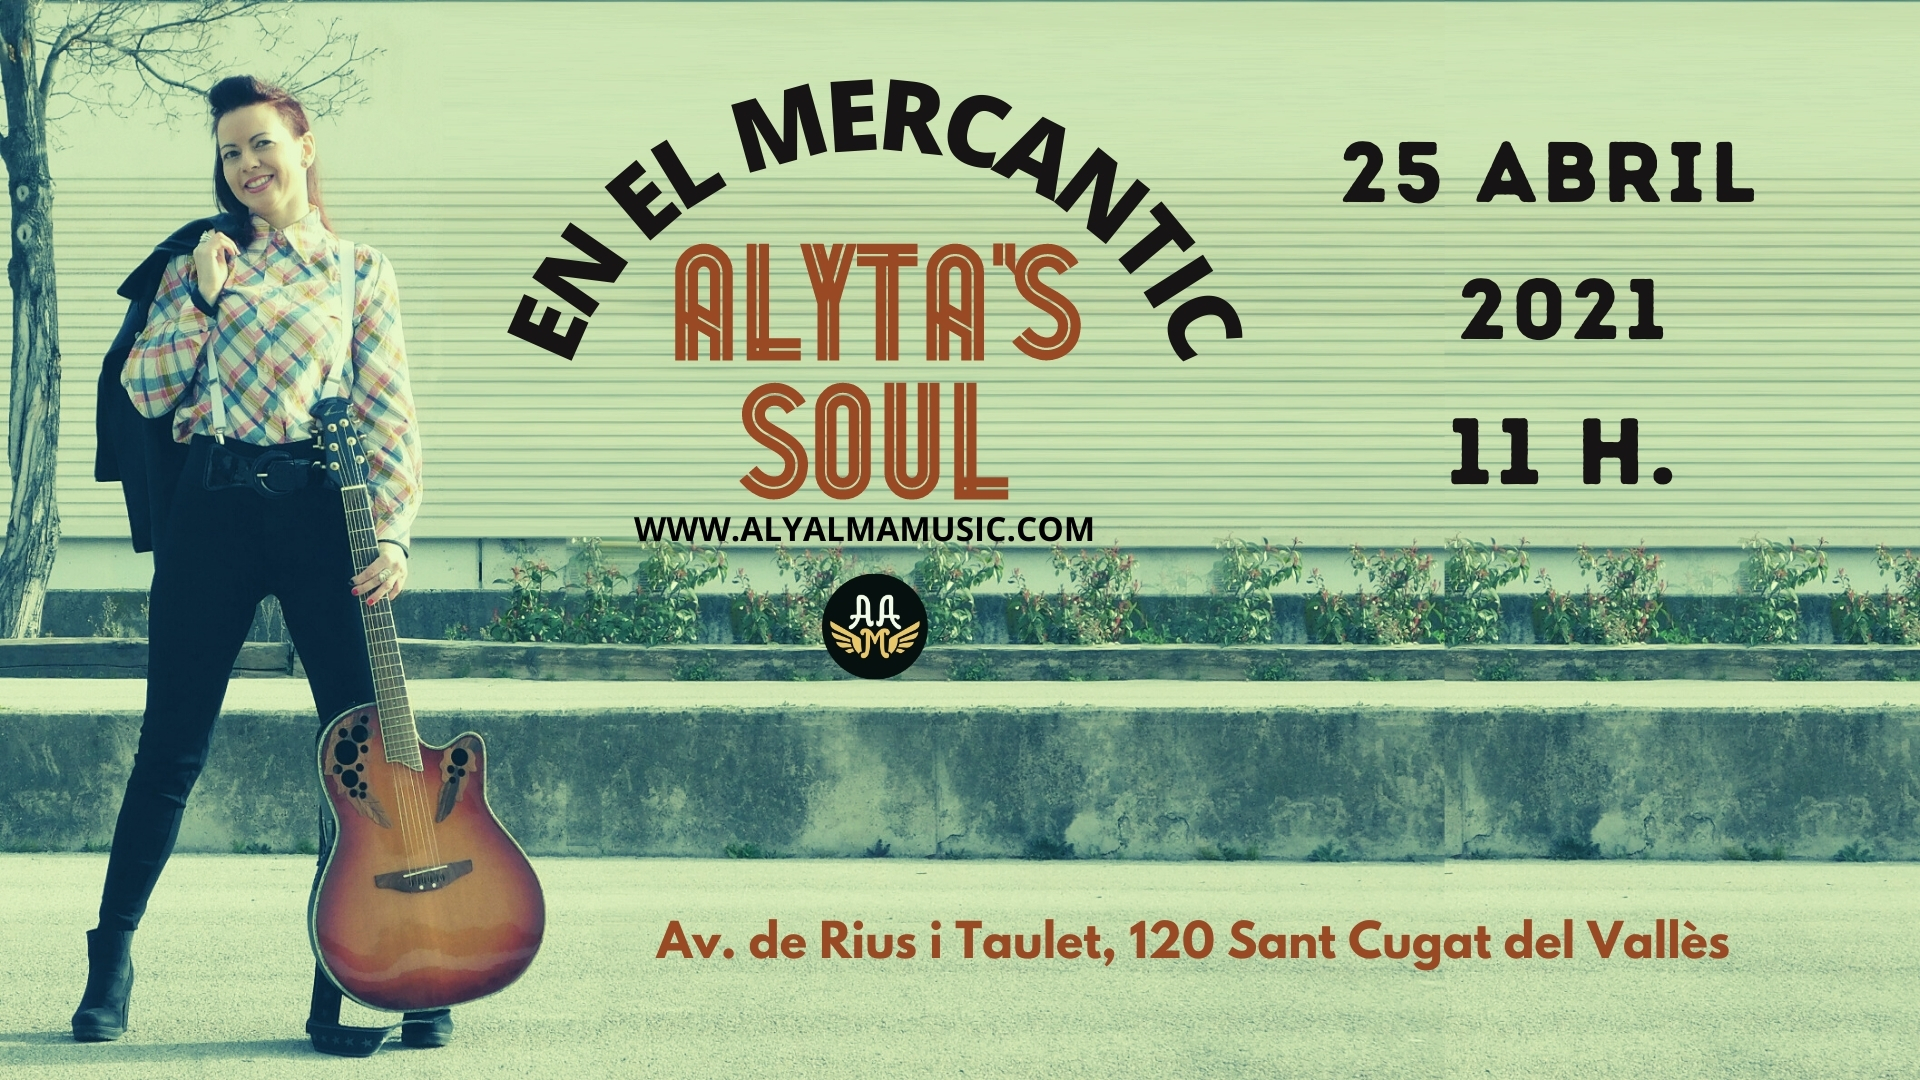 Cartel Alyta's Soul - Concierto